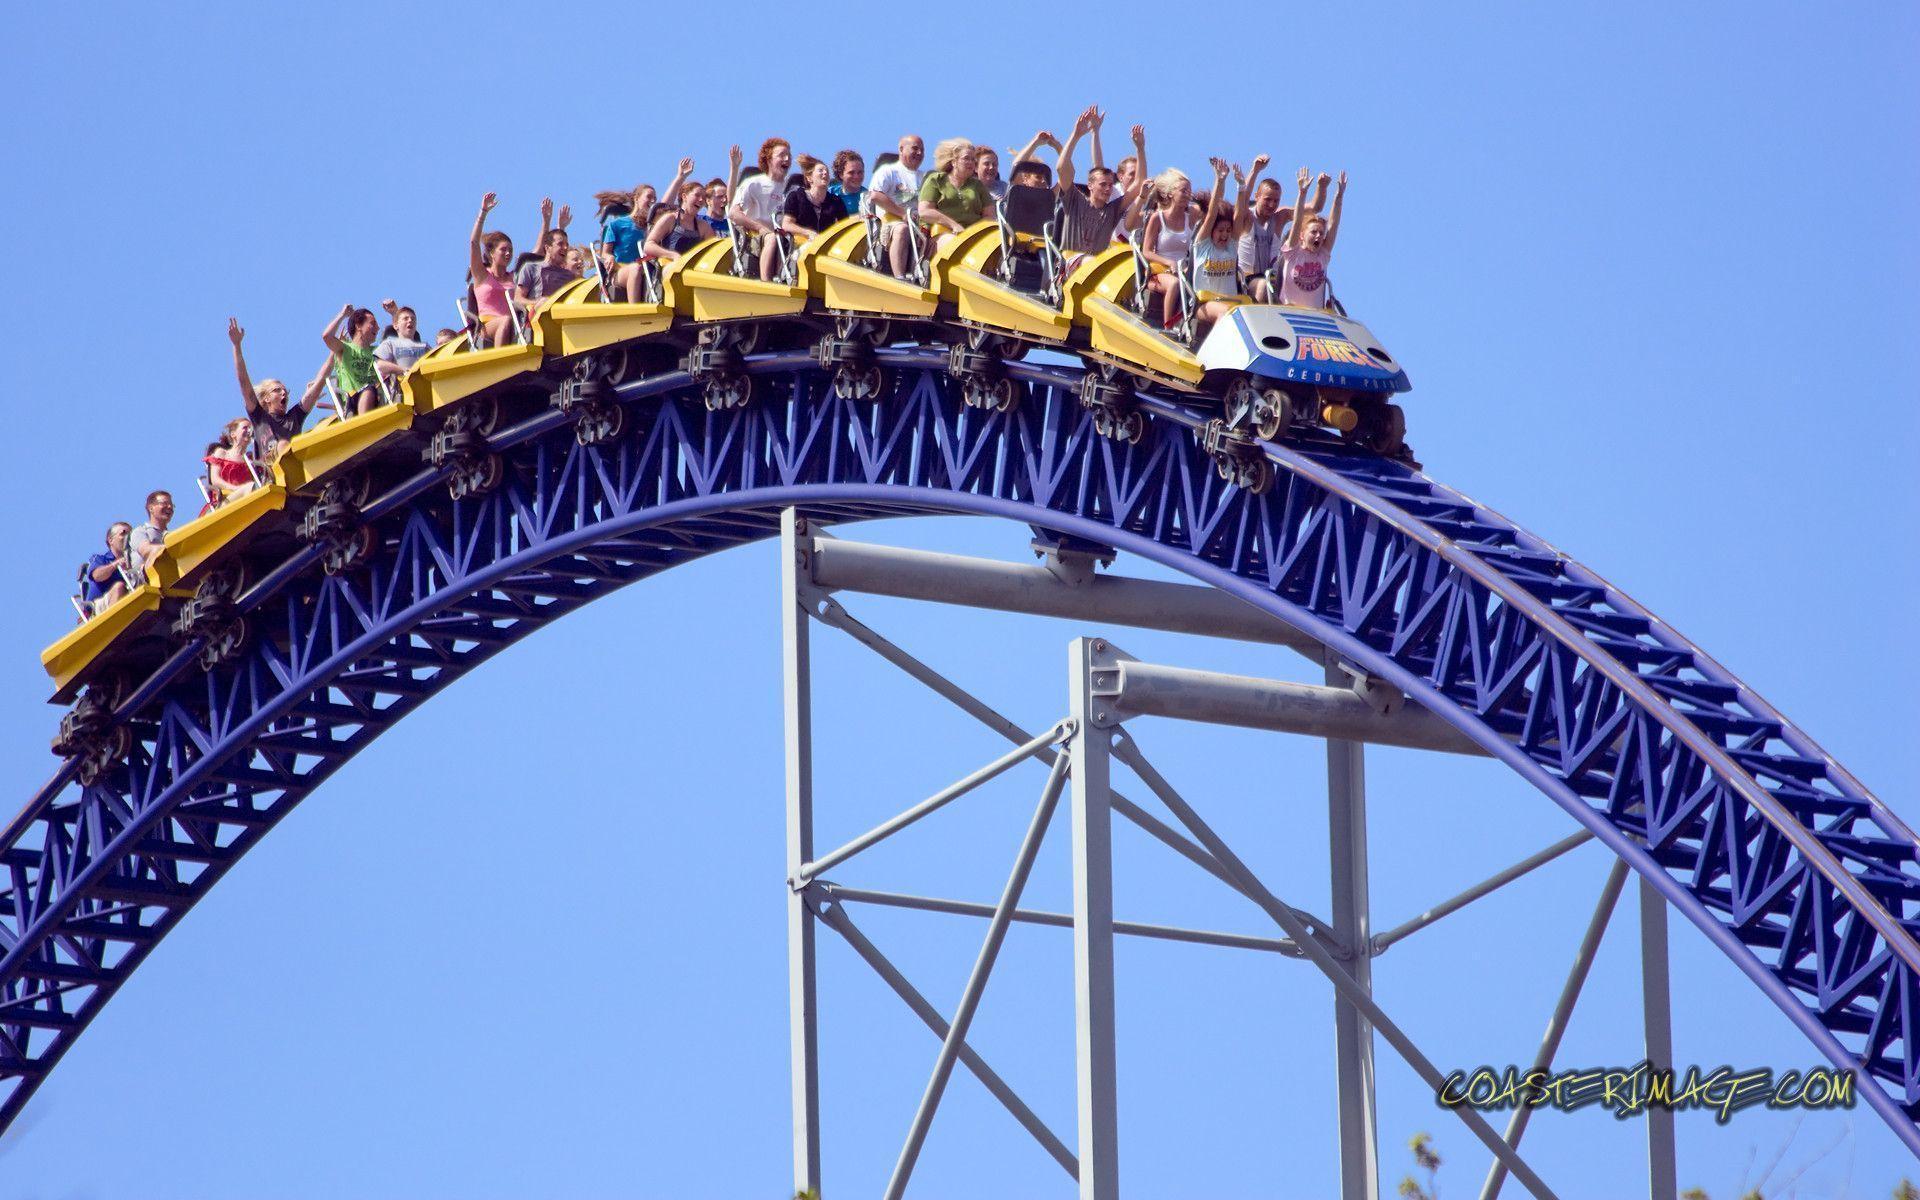 xmas roller coaster hd - photo #27